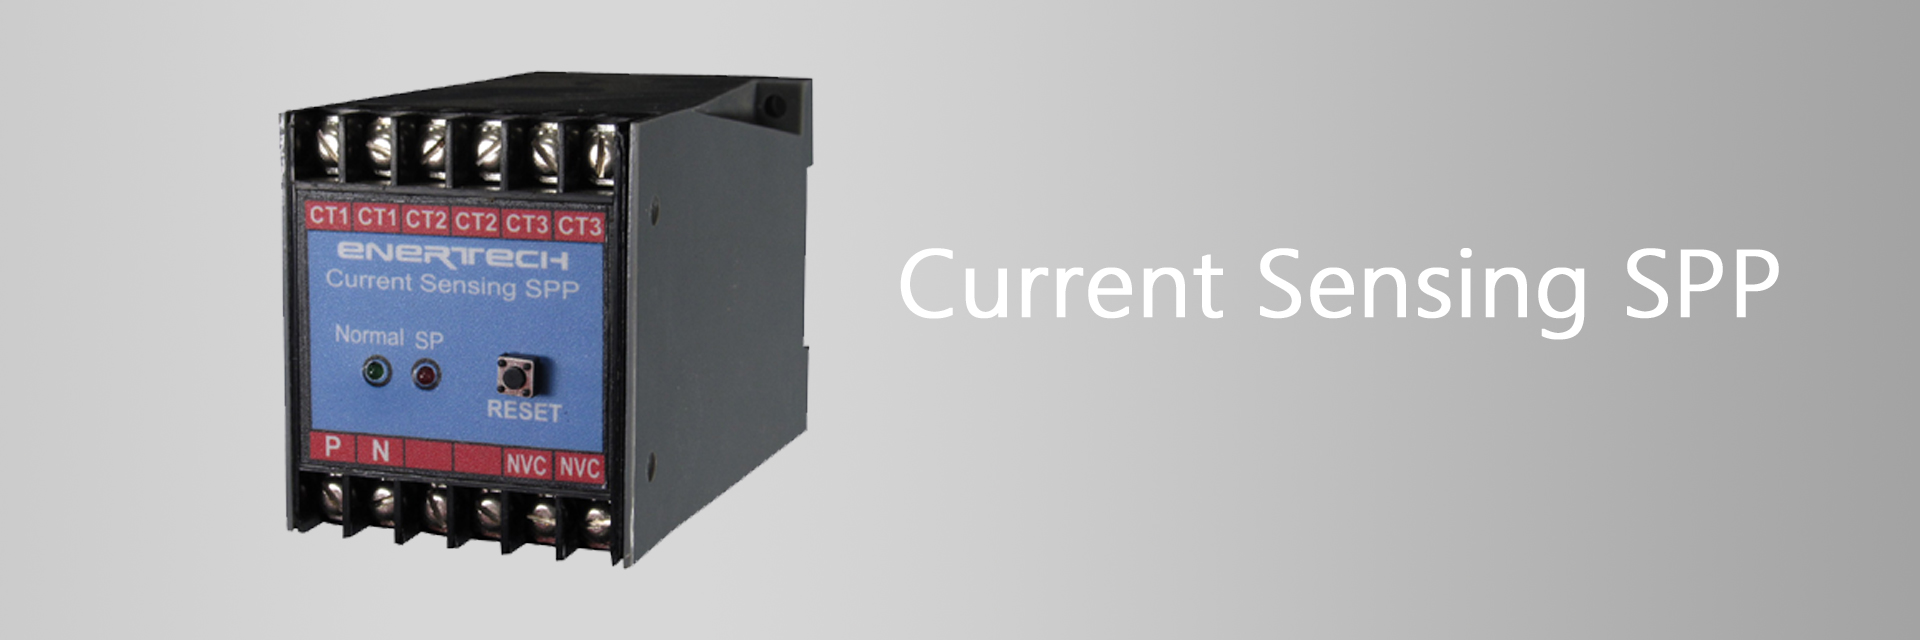 Current Sensing SPP